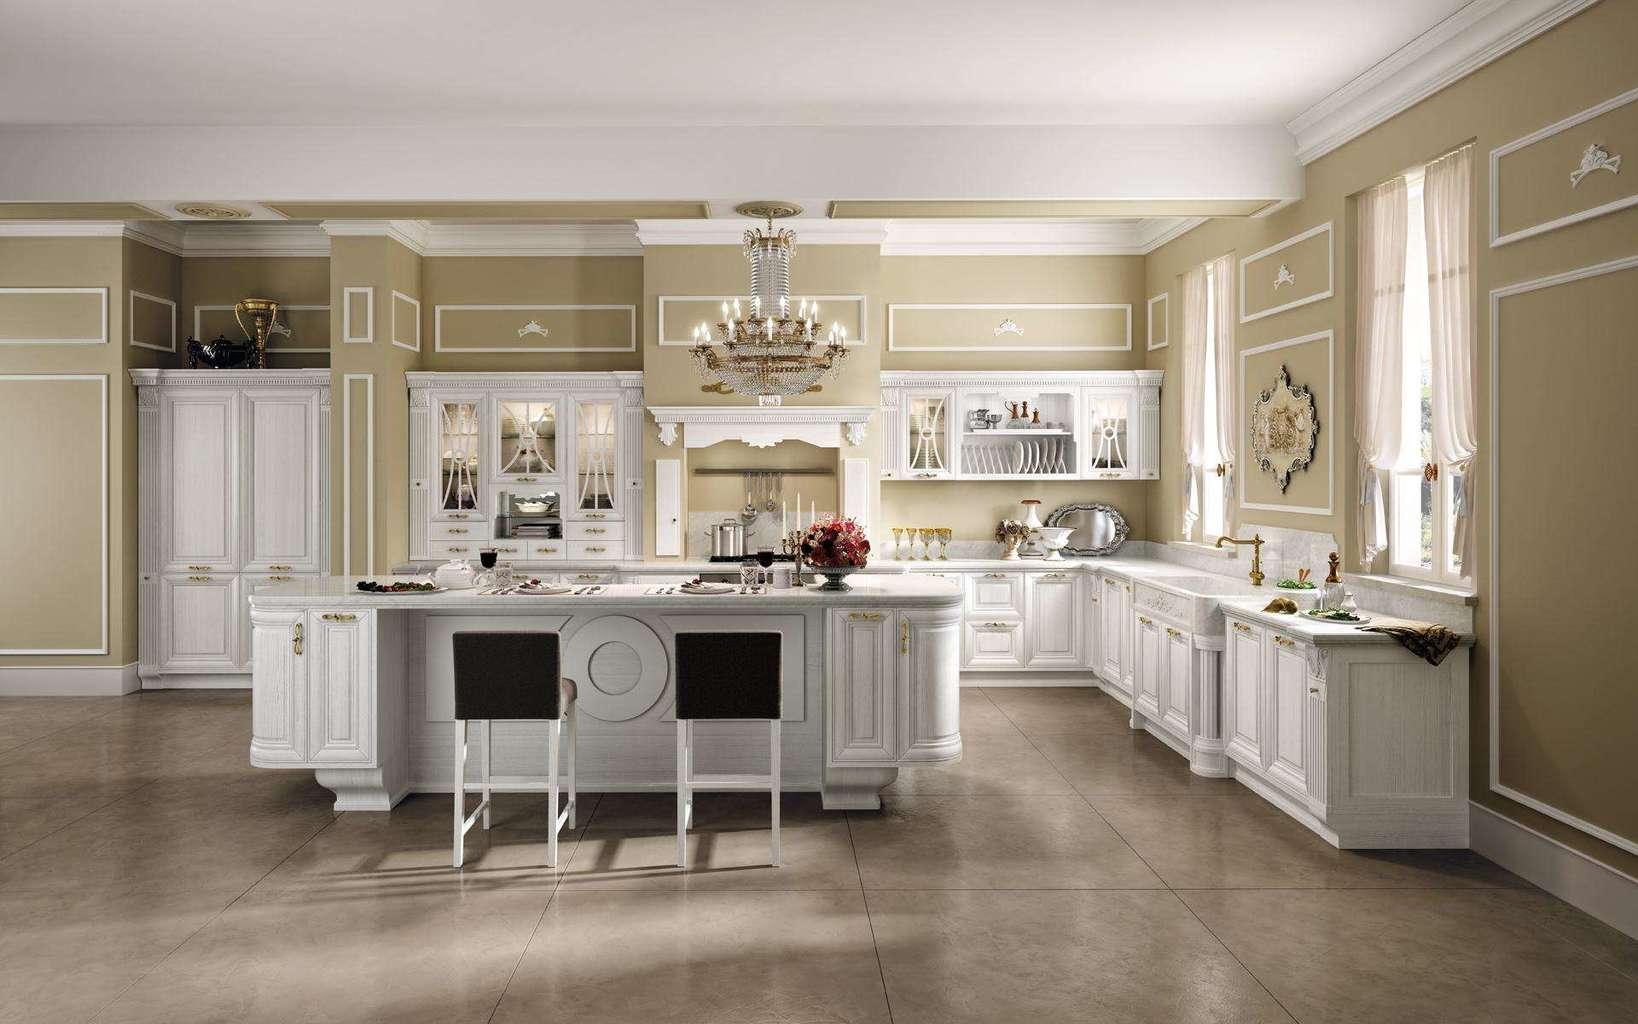 Questioni di arredamento arredafacile for Arredamento classico casa